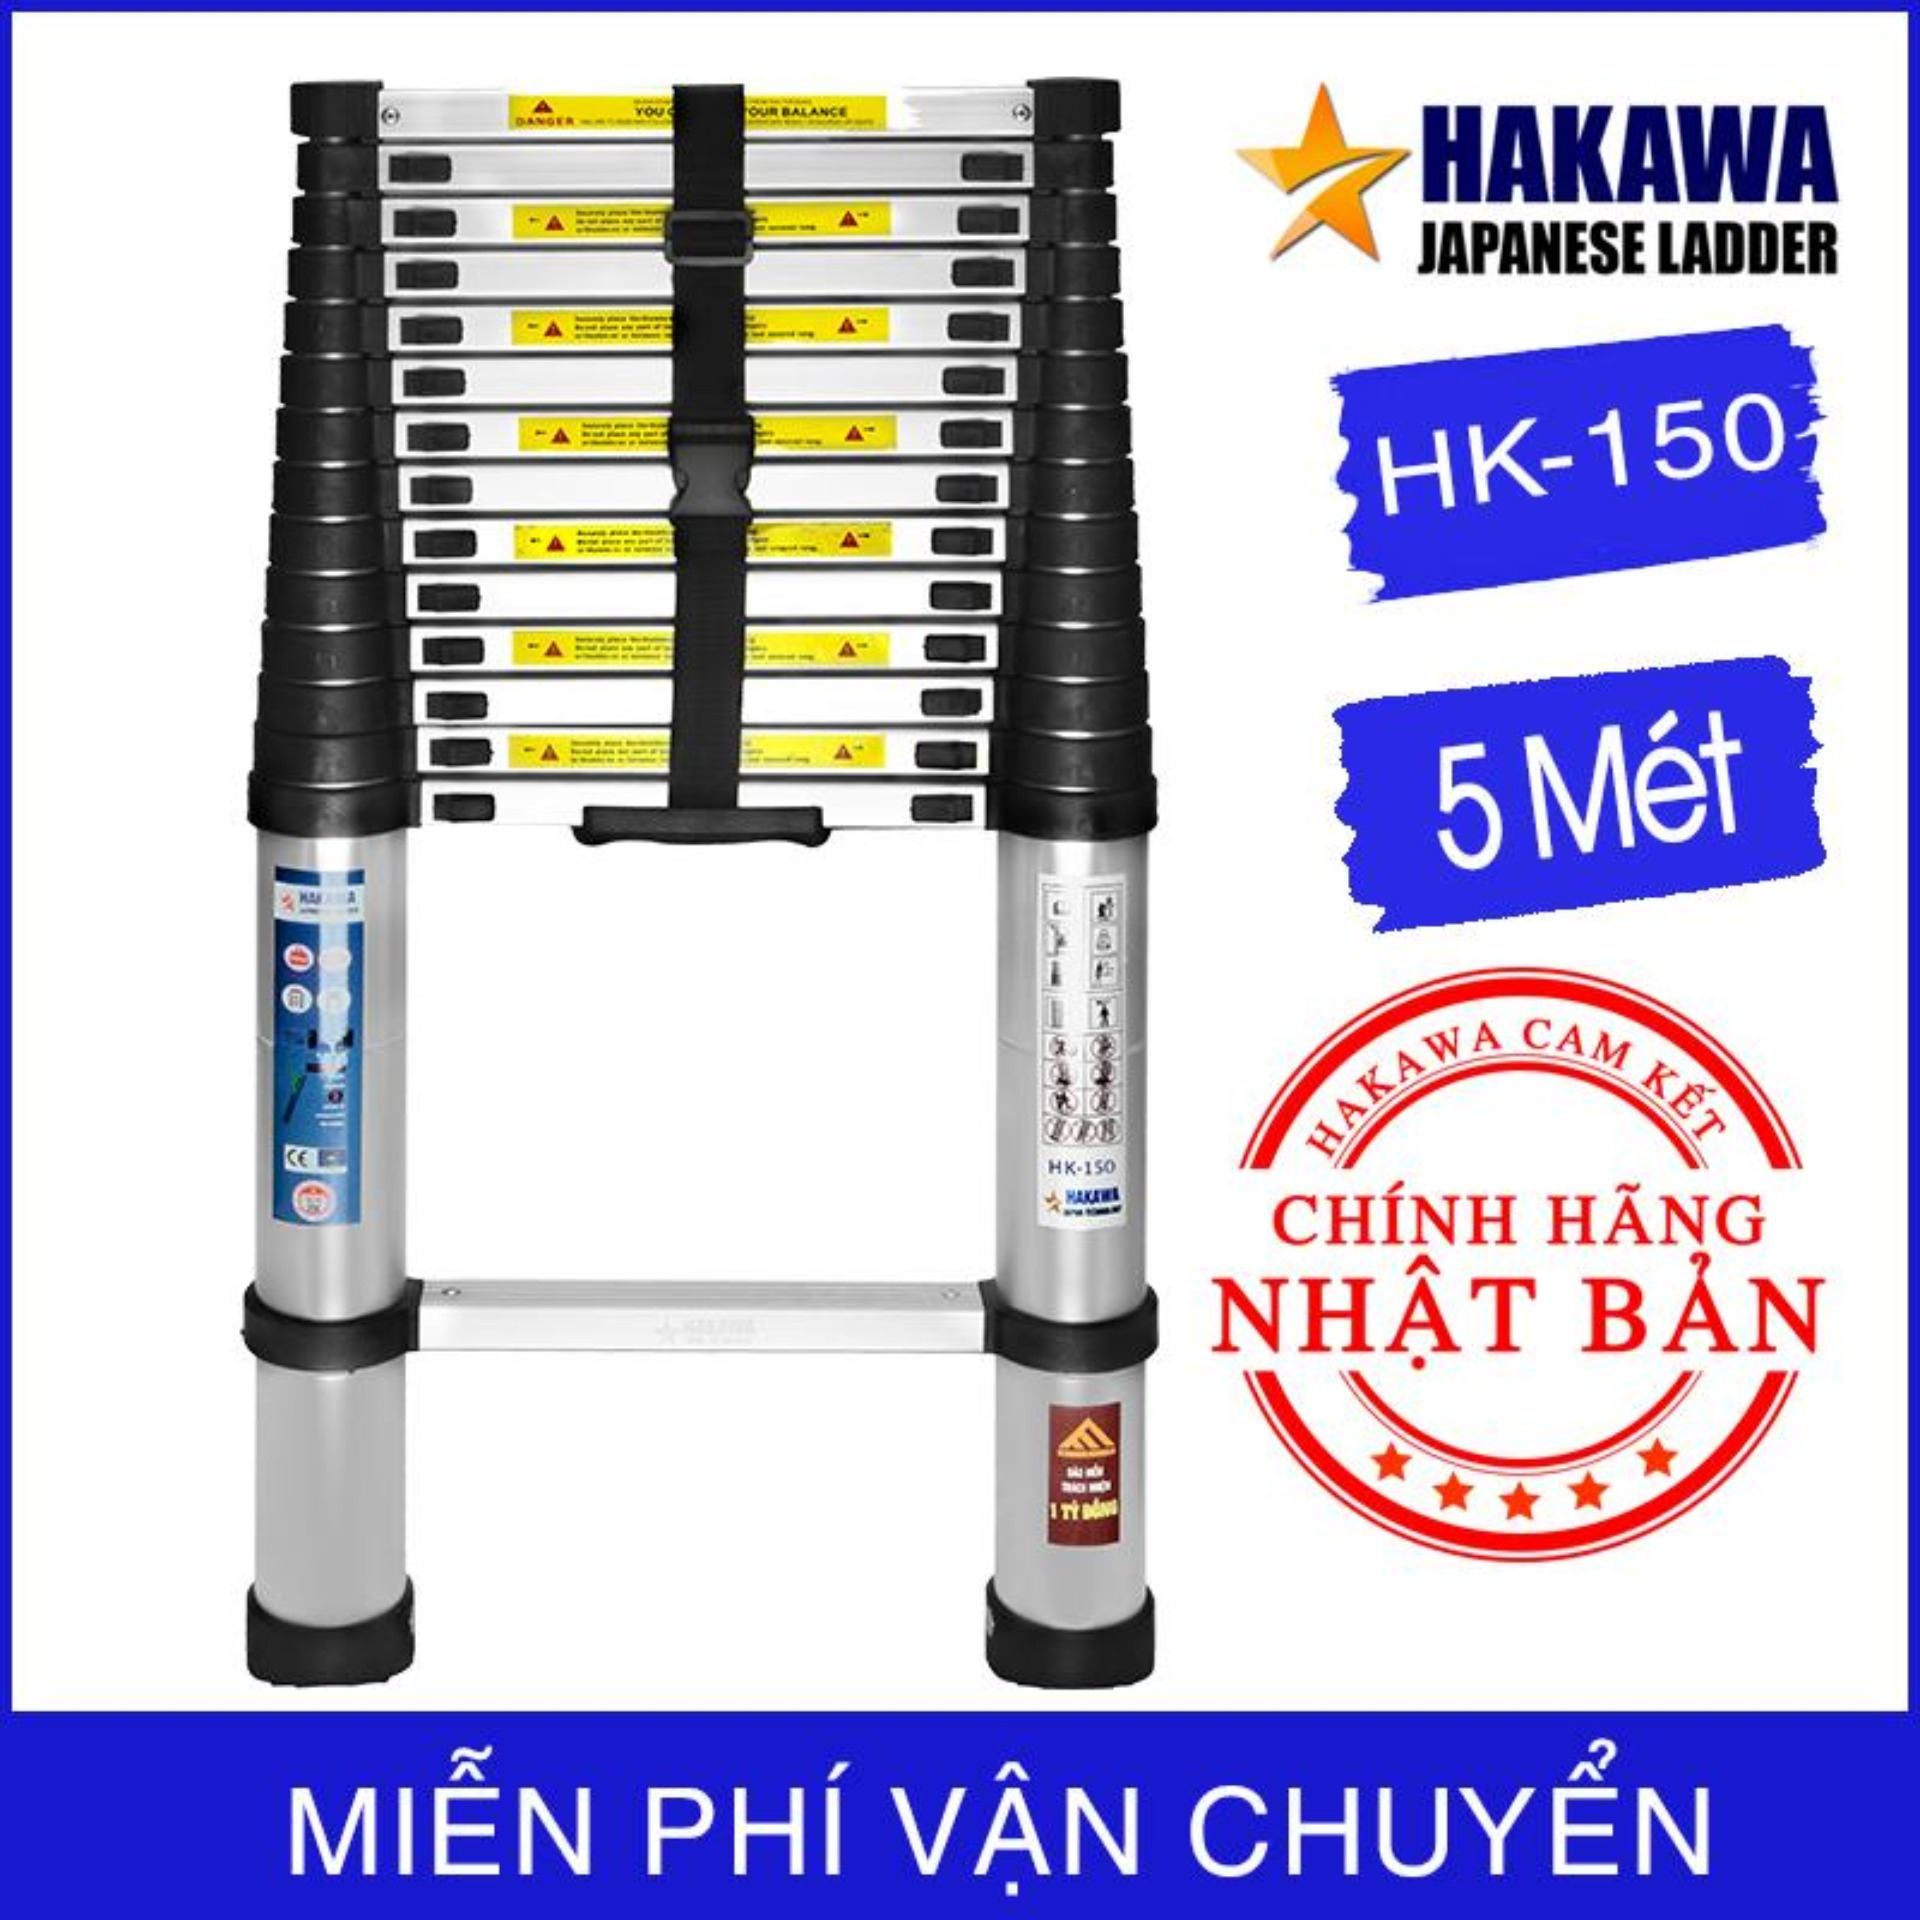 THANG NHÔM RÚT ĐƠN NHẬT BẢN - HAKAWA HK 150 ( 5M ) - PHÂN PHỐI CHÍNH HÃNG